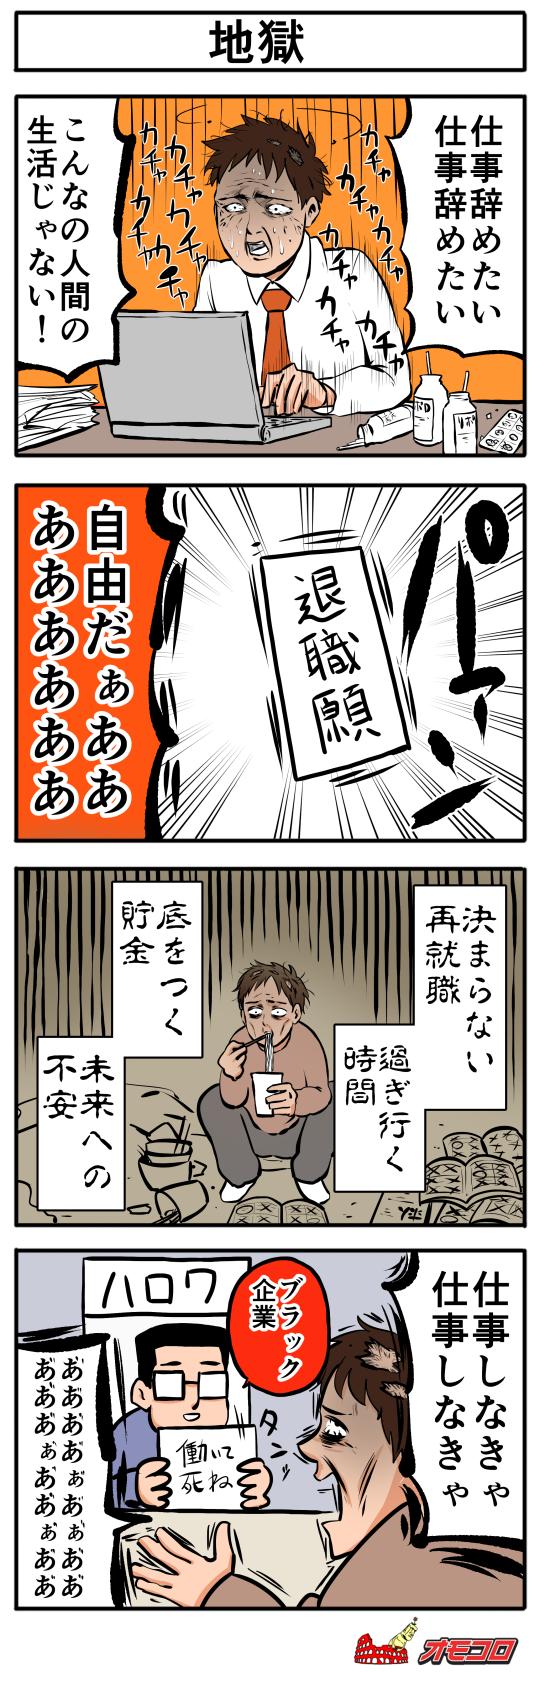 【4コマ漫画】地獄